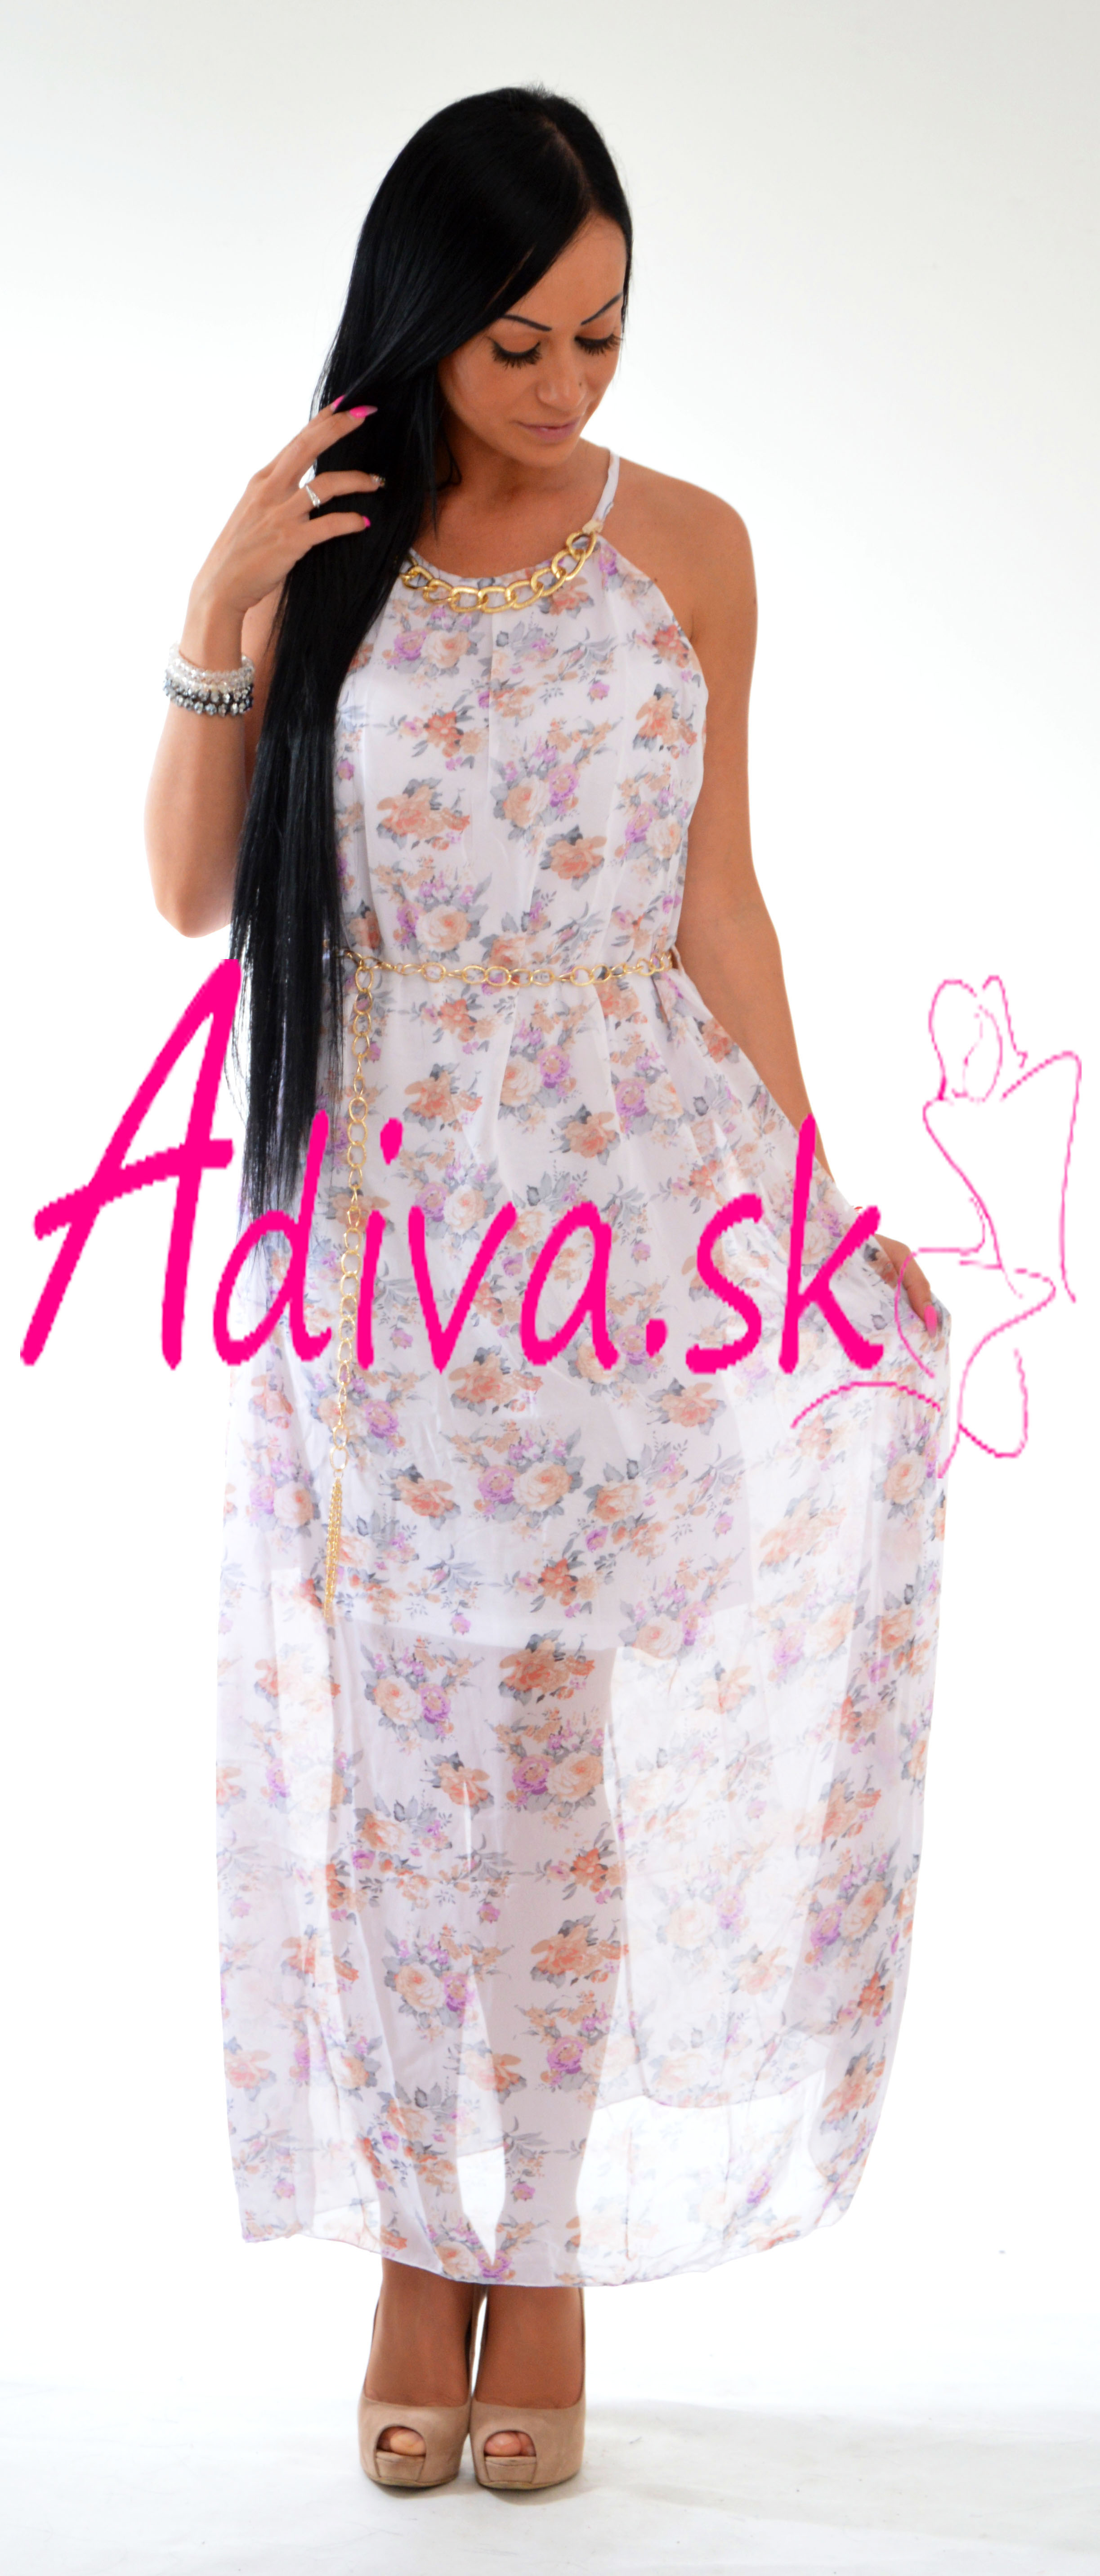 8eaa858d3 Dlhé letné šaty s kvetinkovými vzormi, ktoré letia toto leto!